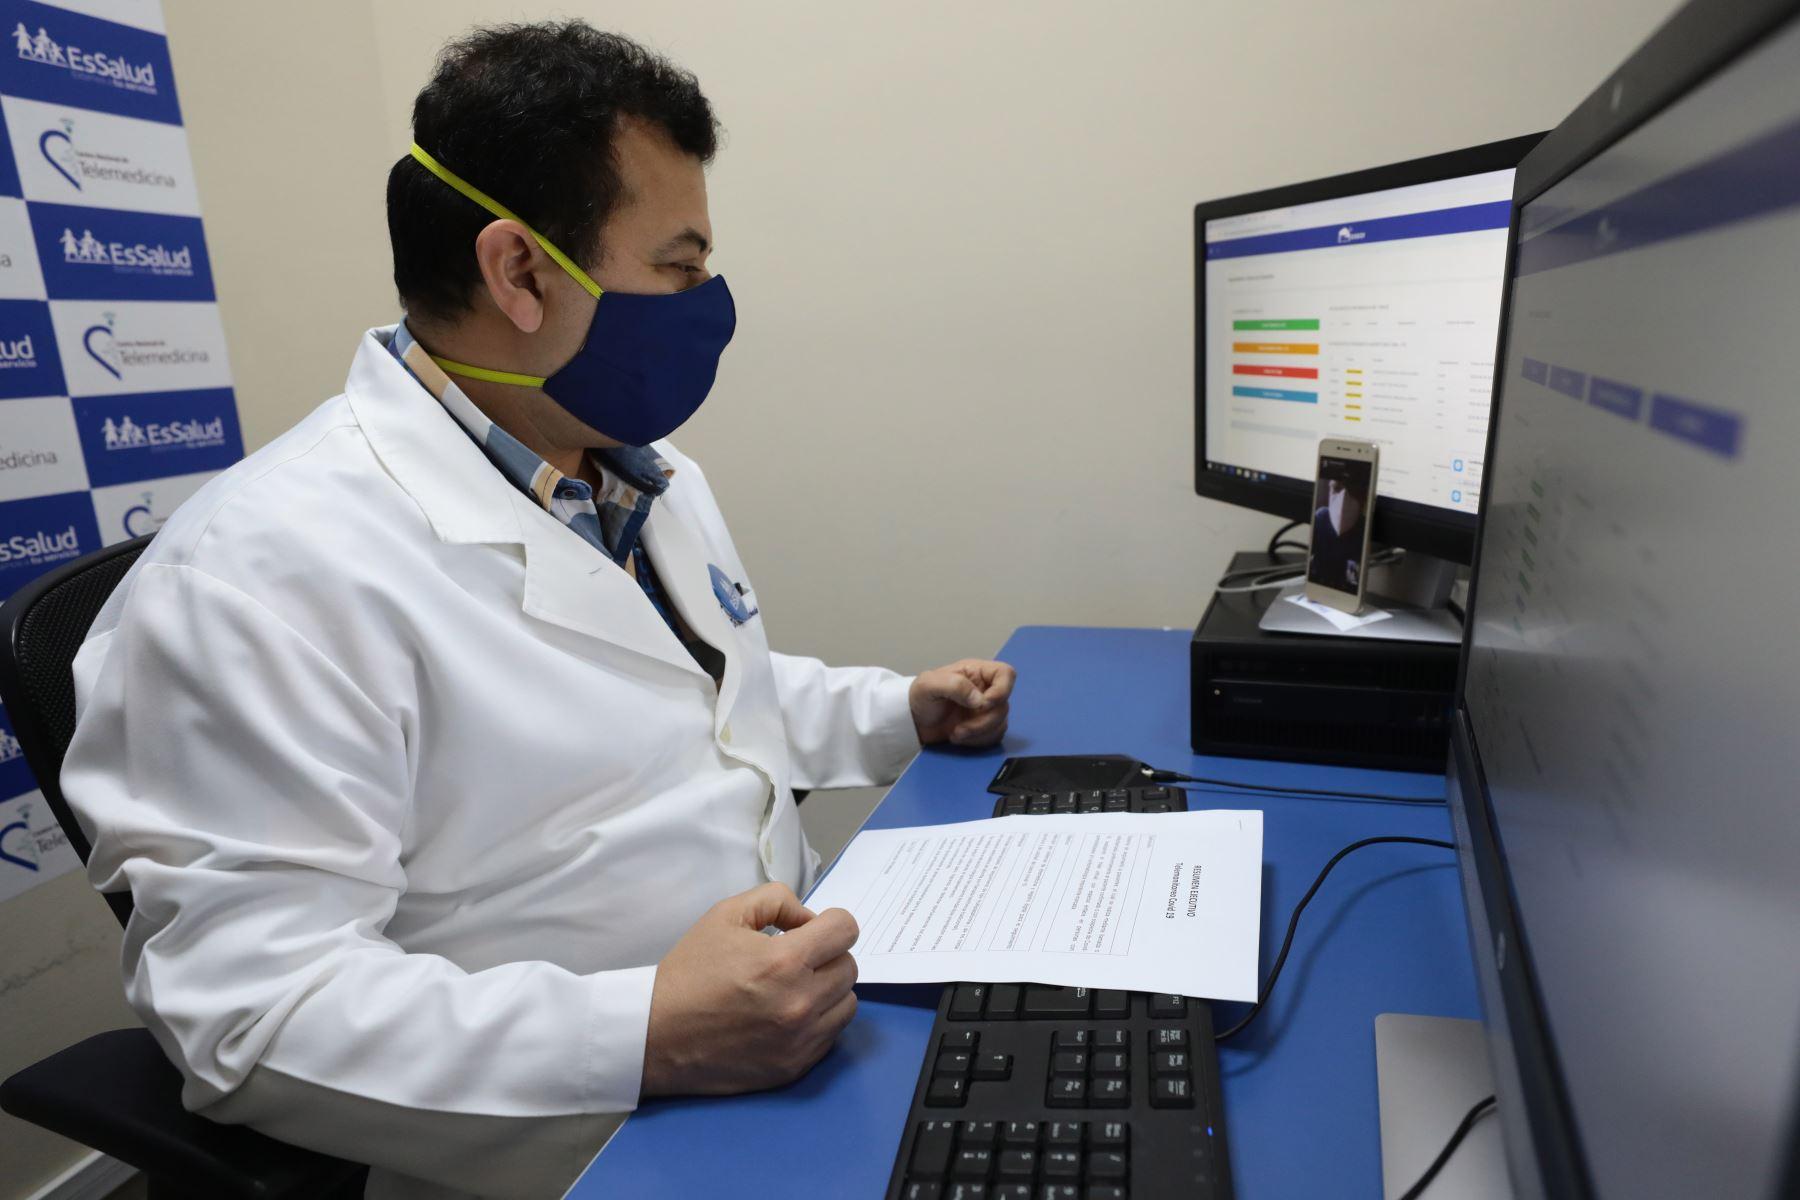 el doctor Sergio Machado Rosazza, director del Centro Nacional de Telemedicina (CENATE) de EsSalud, detalló que un 42% de pacientes monitoreados derrotaron la enfermedad y fueron dados de alta. Foto: Essalud